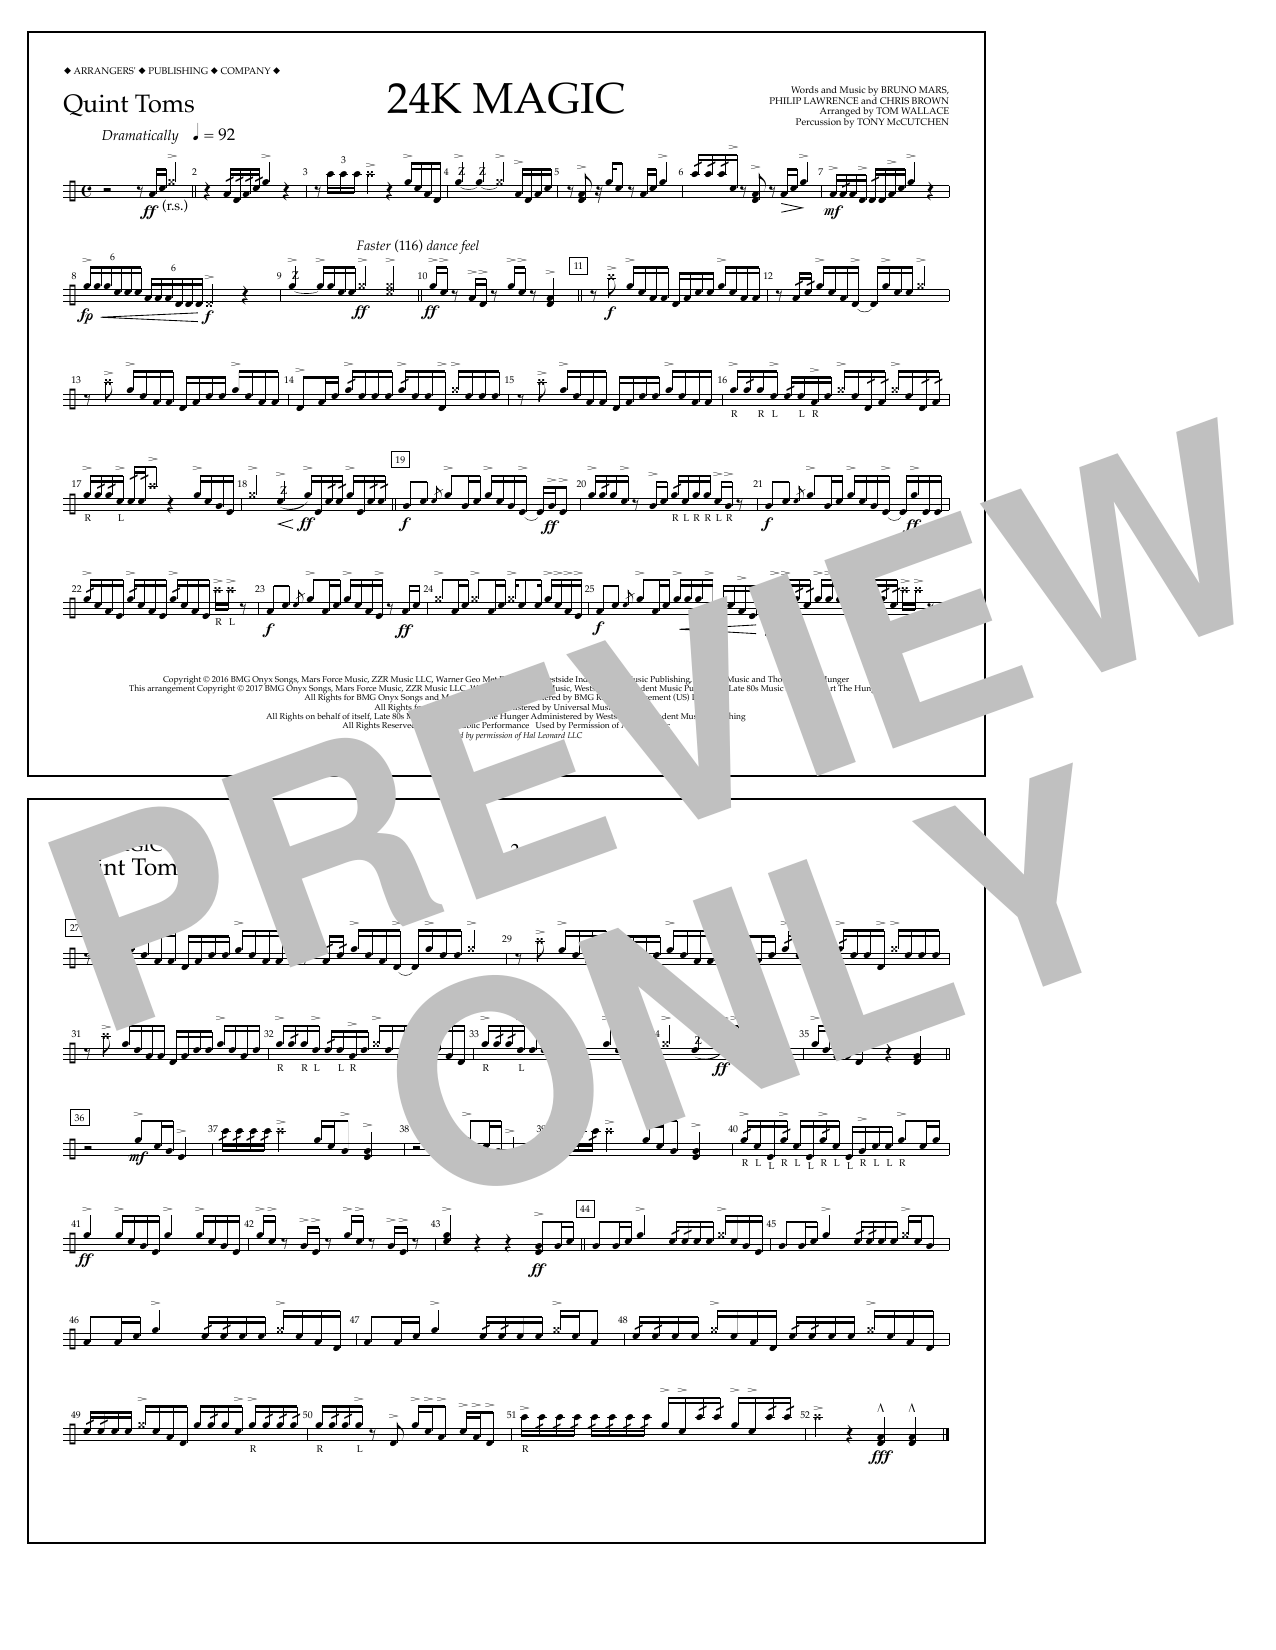 24K Magic - Quint-Toms Sheet Music